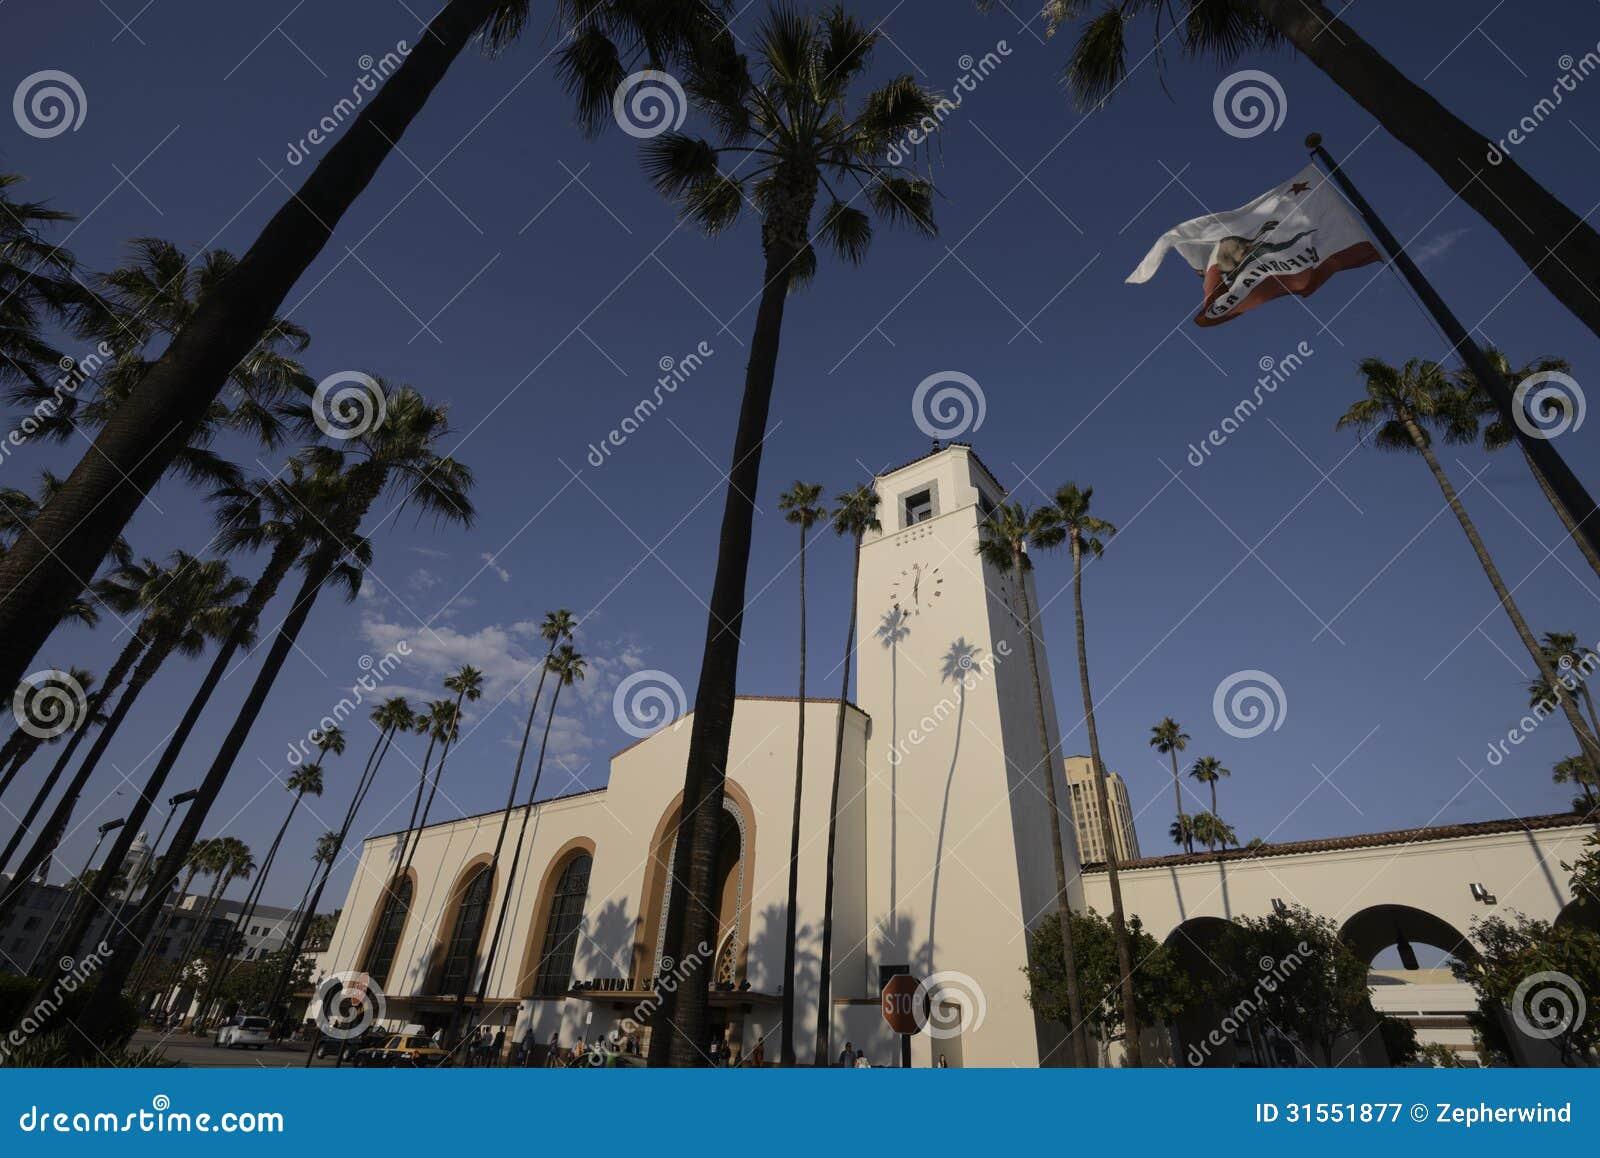 Los Angeles zjednoczenia stacja